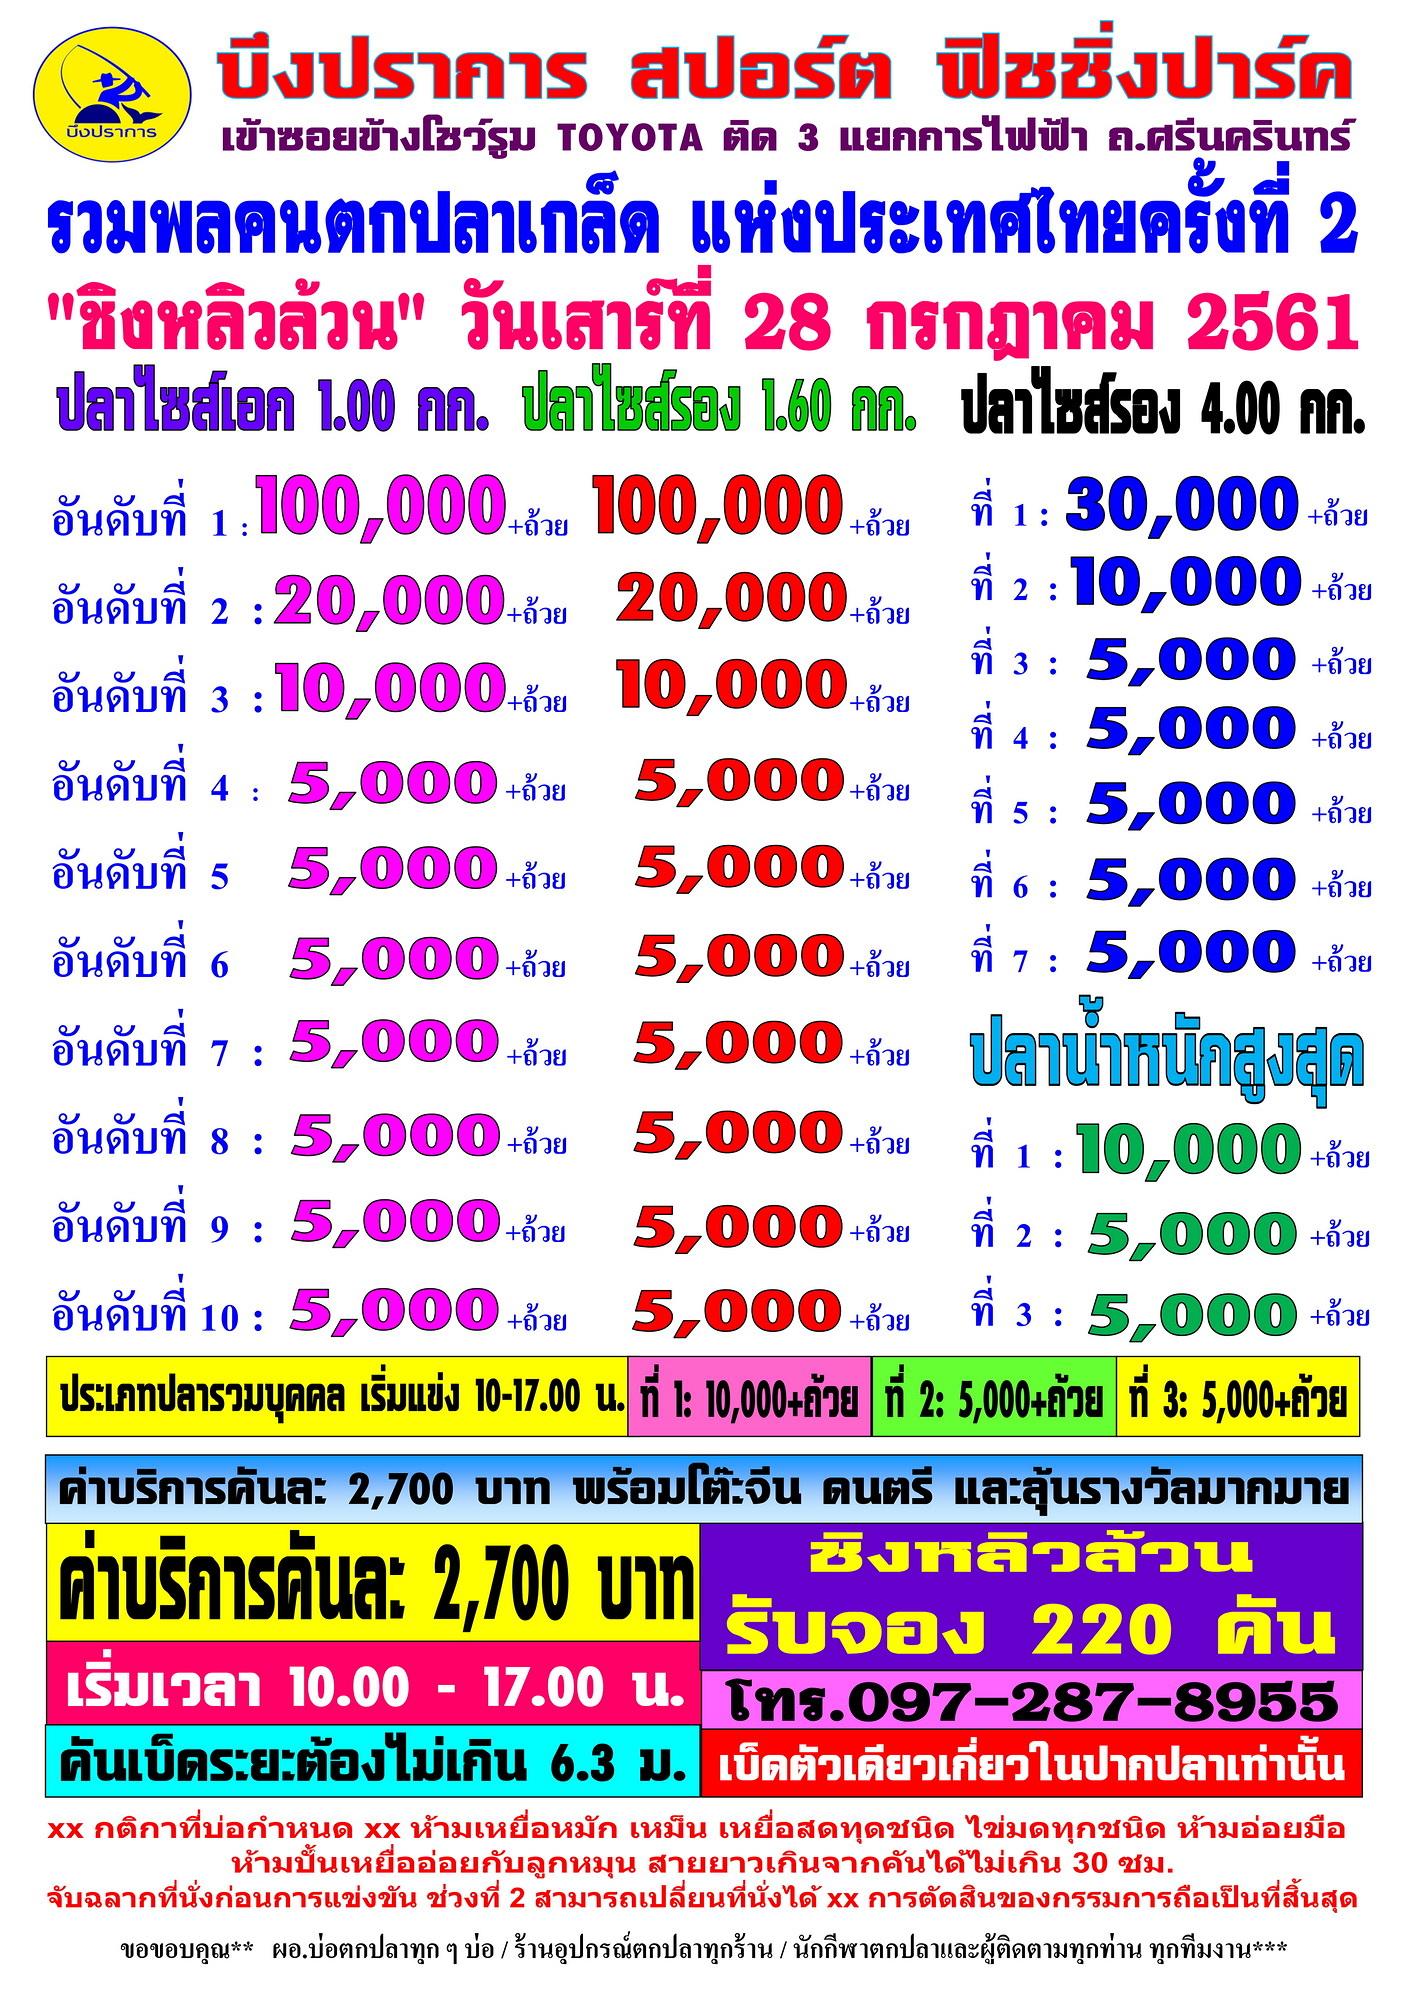 แข่งชิงหลิวล้วน หัว 100,000 รวม 4 หัว 250,000 หาง 5000 ค่าคัน 2700